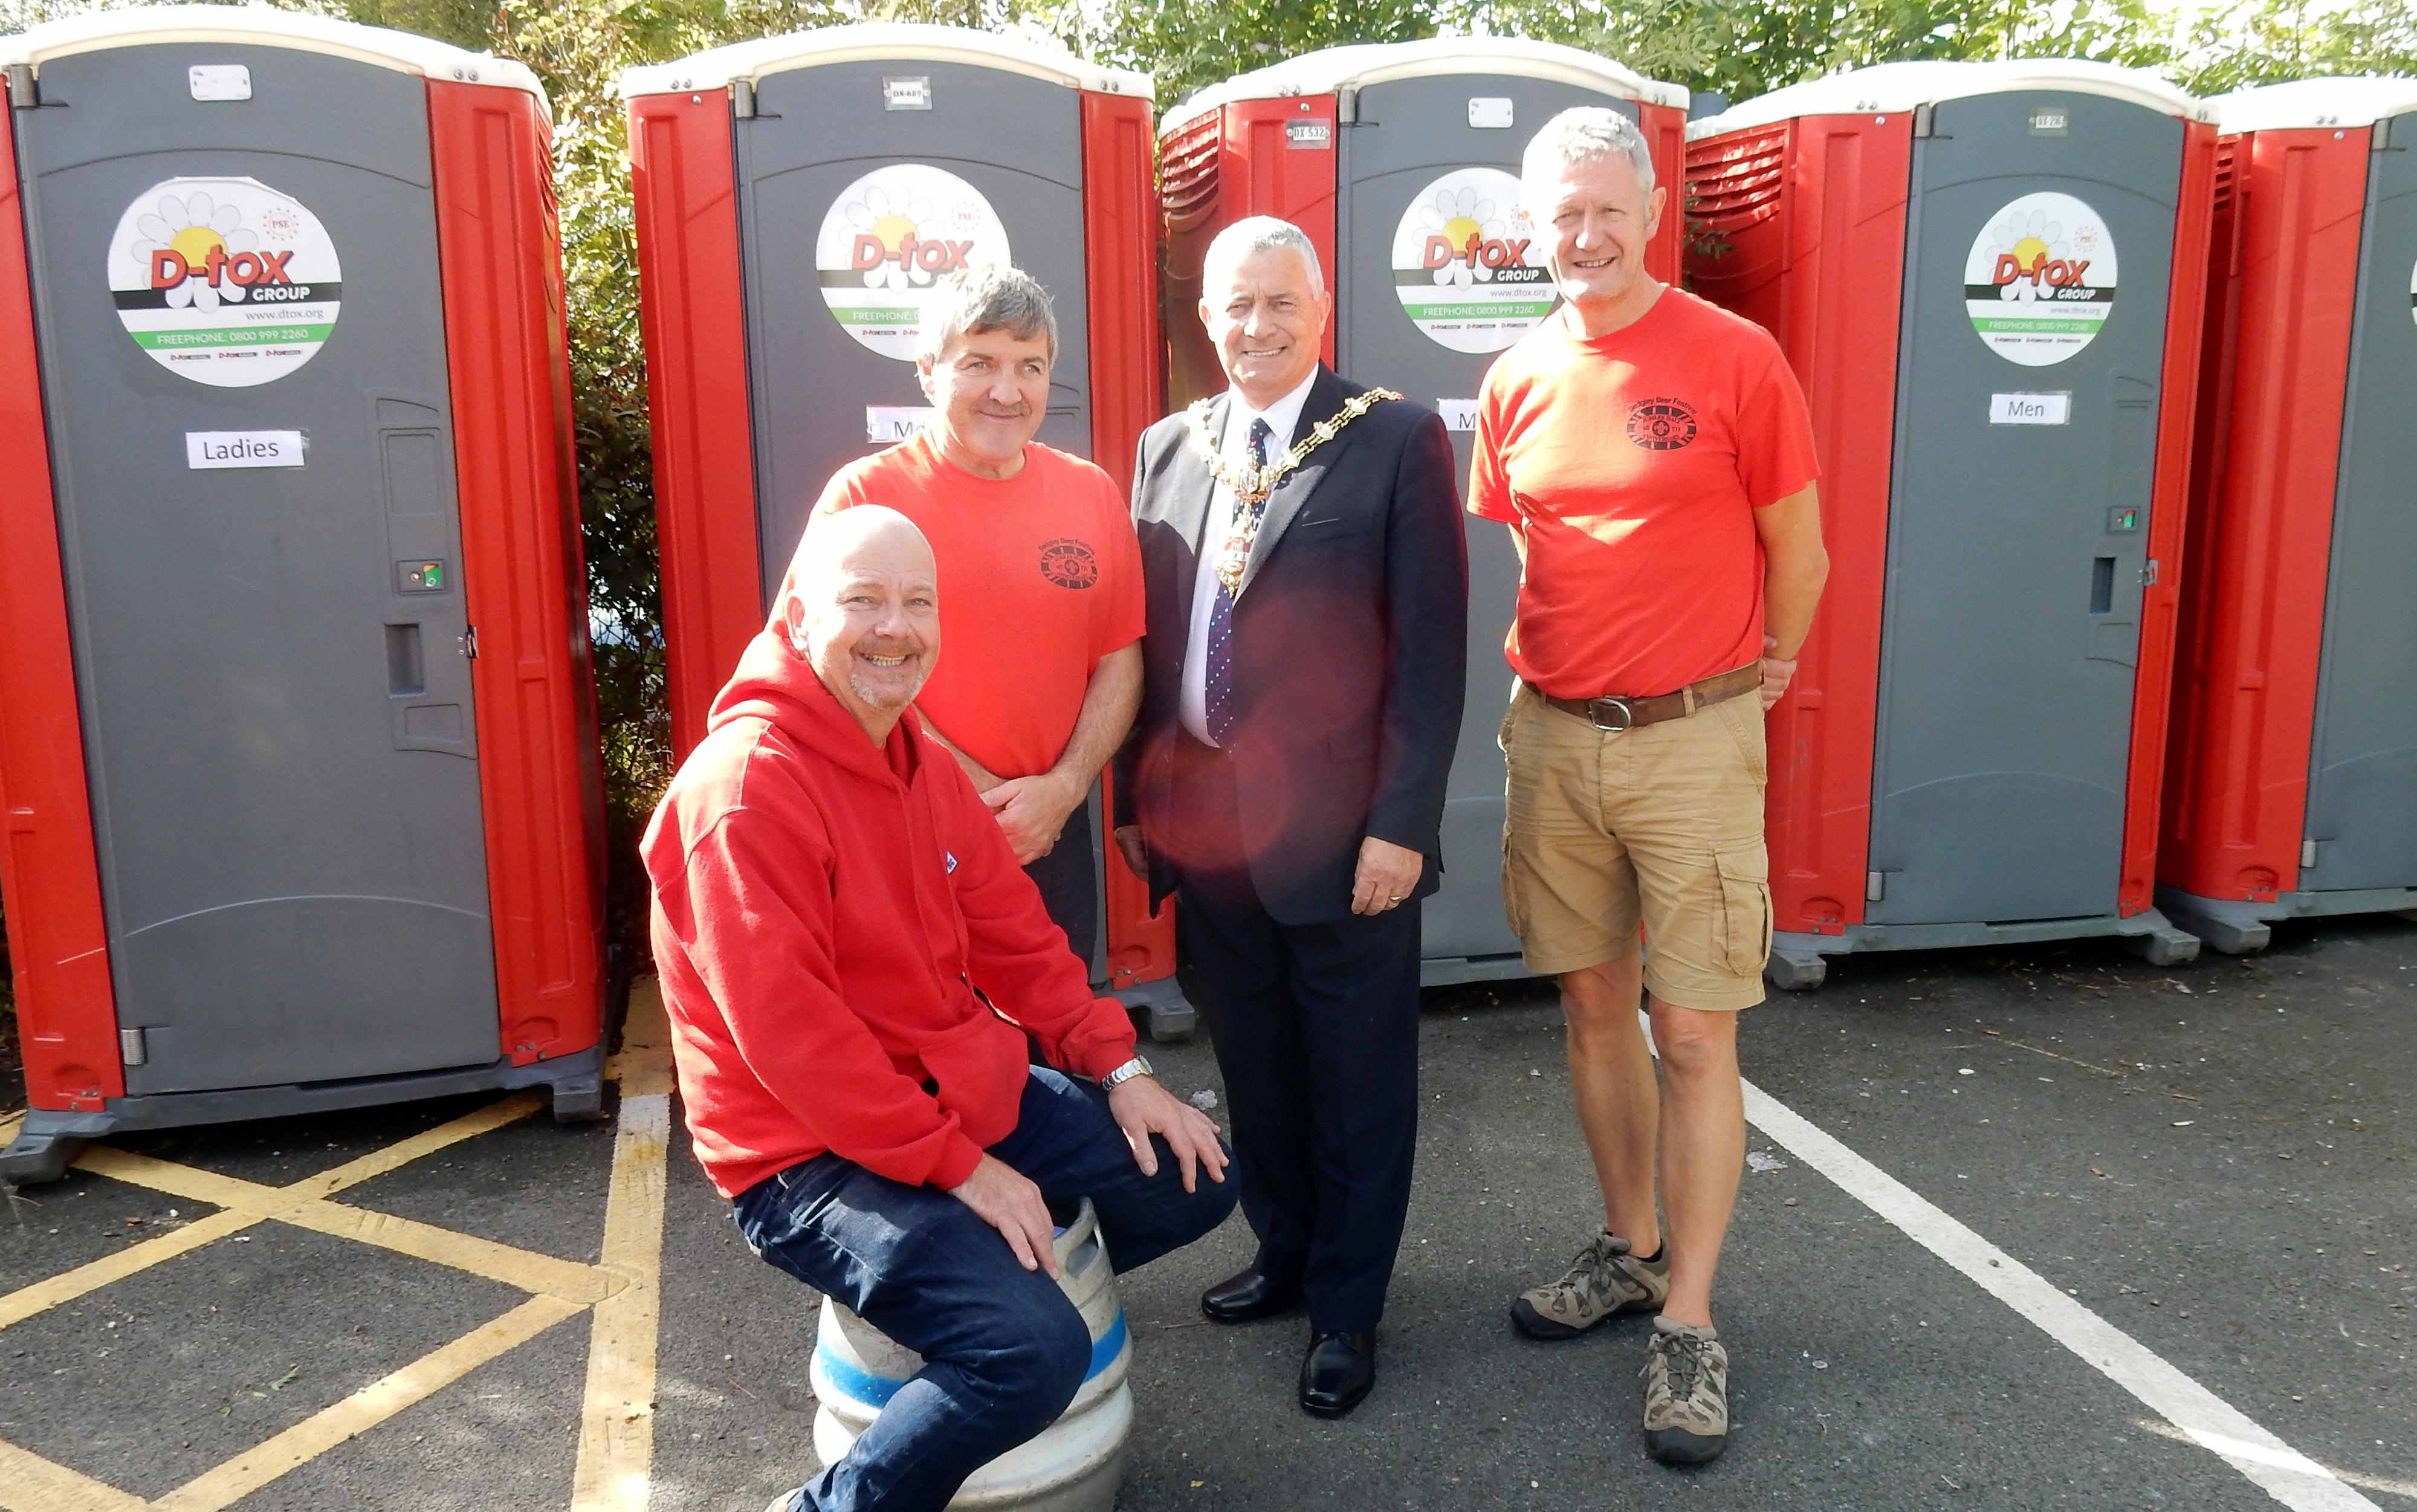 Sedgeley charity toilet hire